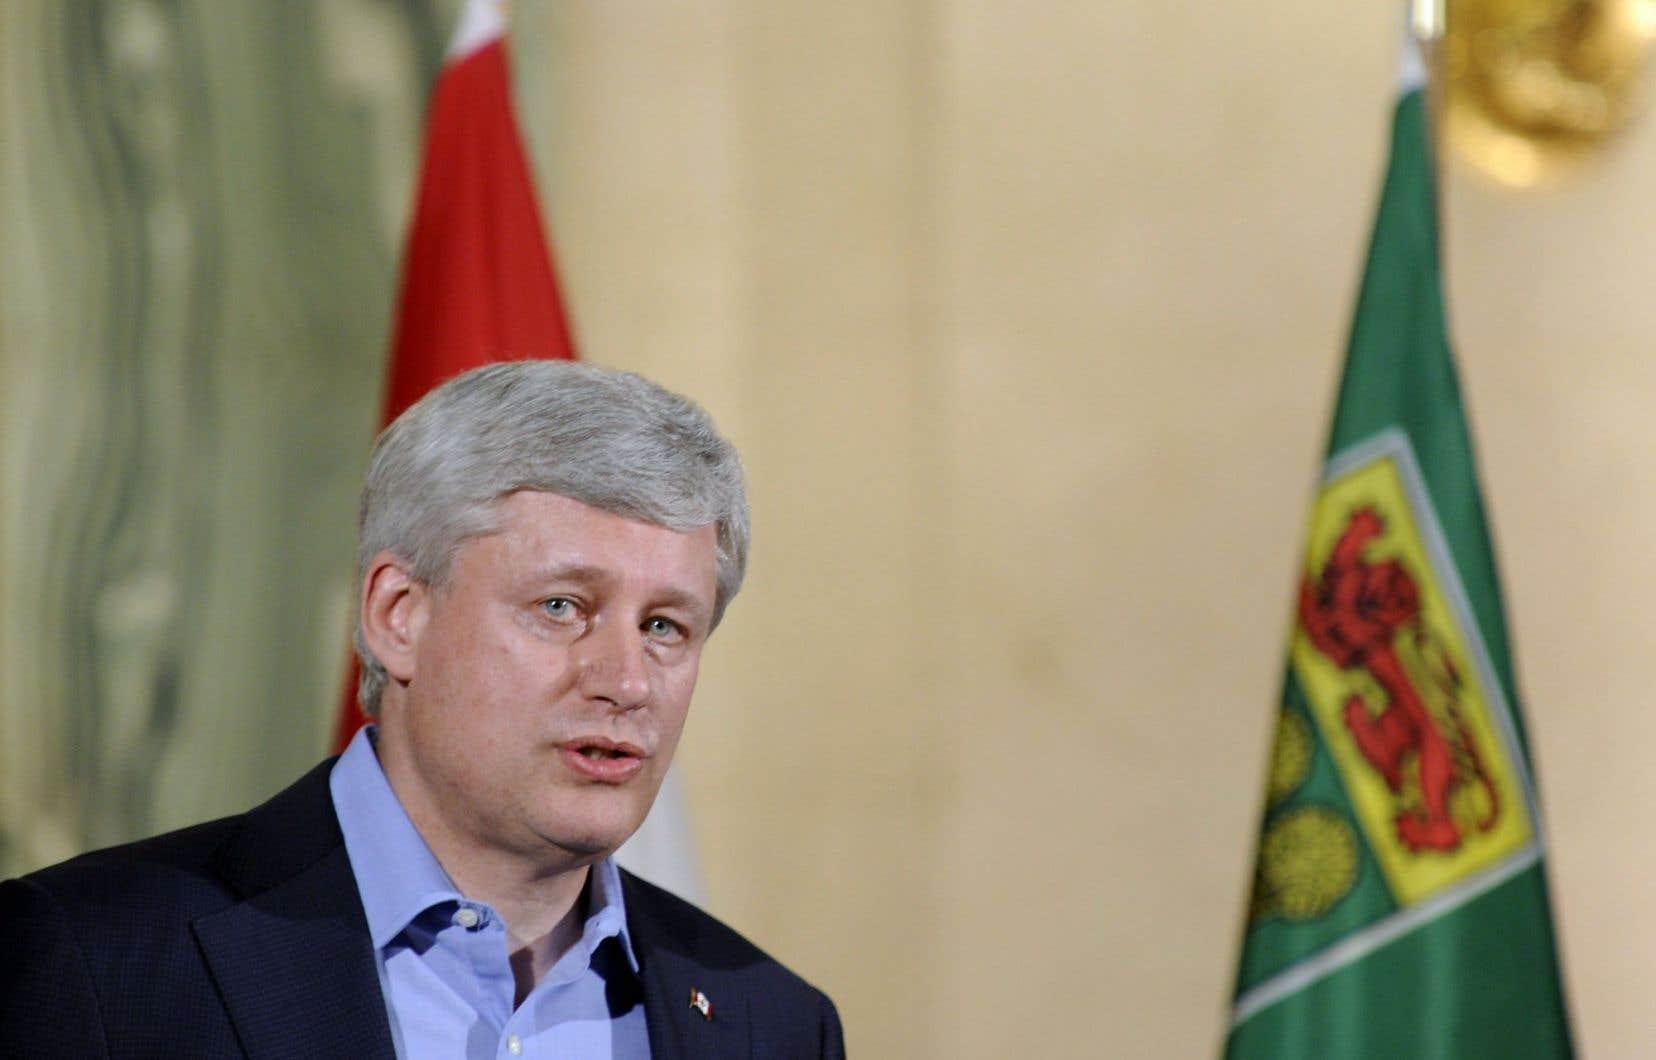 Le premier ministre du Canada Stephen Harper